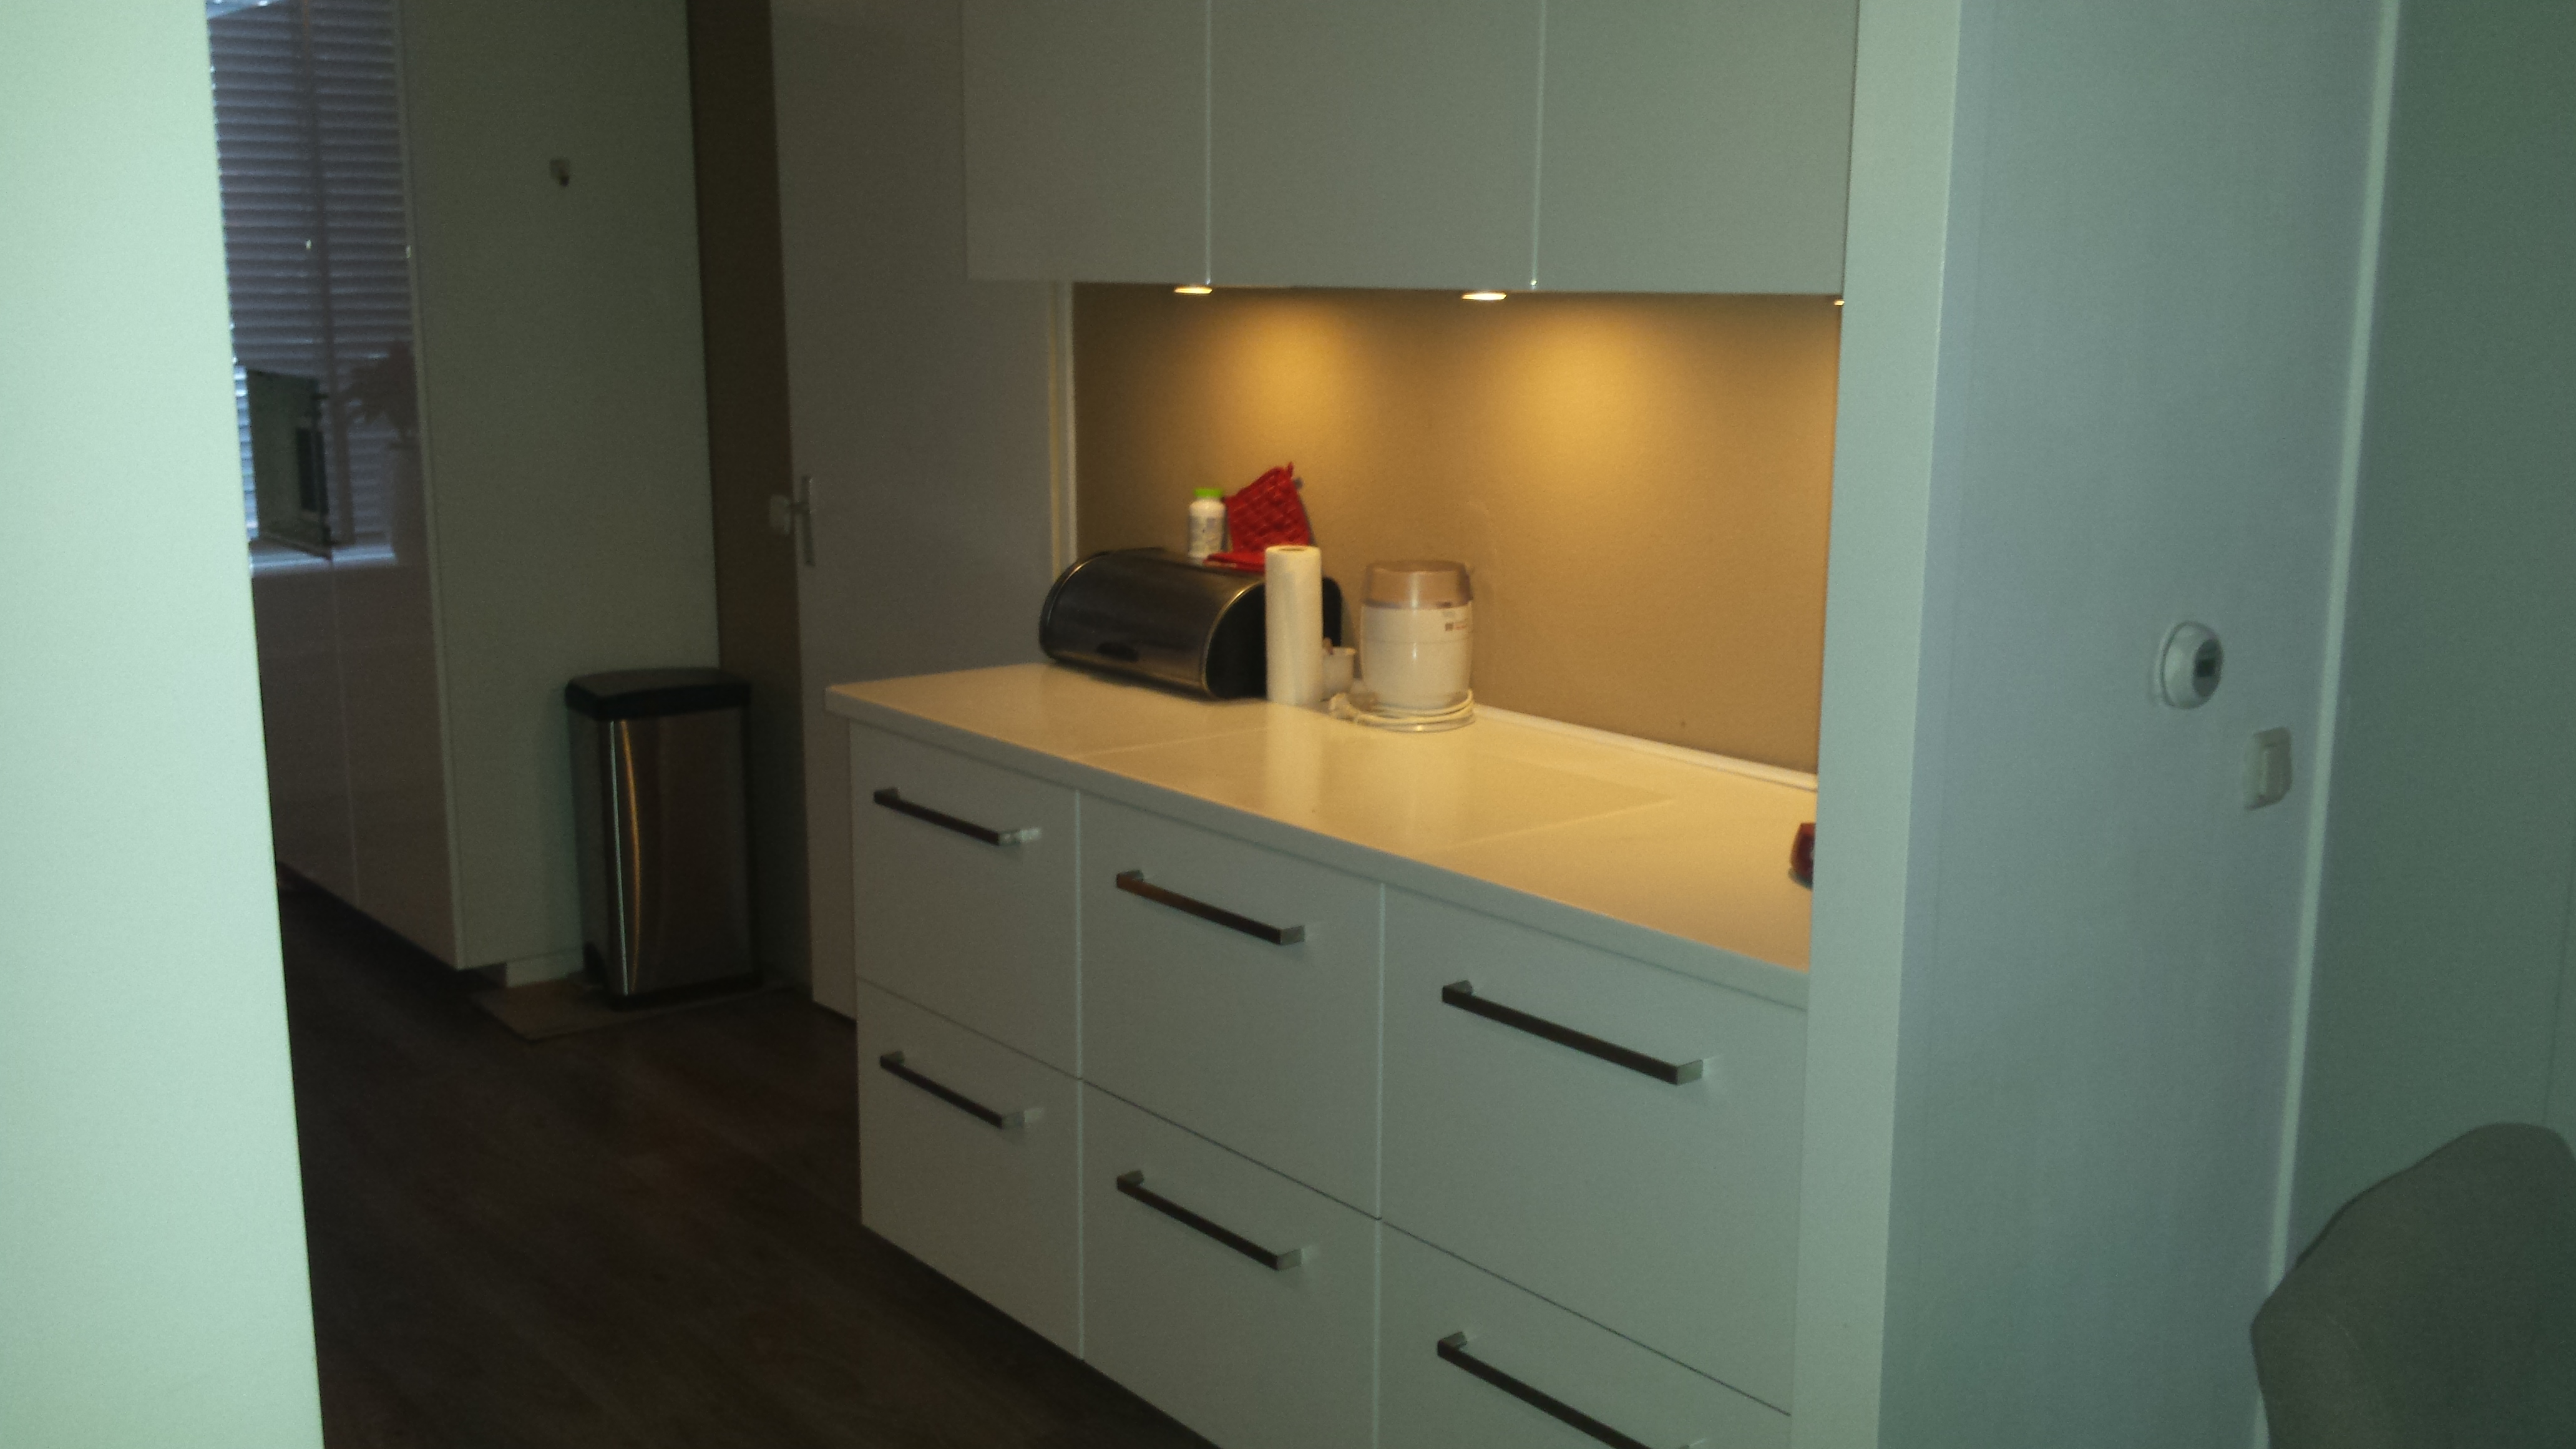 ikea kasten rc onderhoudsbedrijf. Black Bedroom Furniture Sets. Home Design Ideas